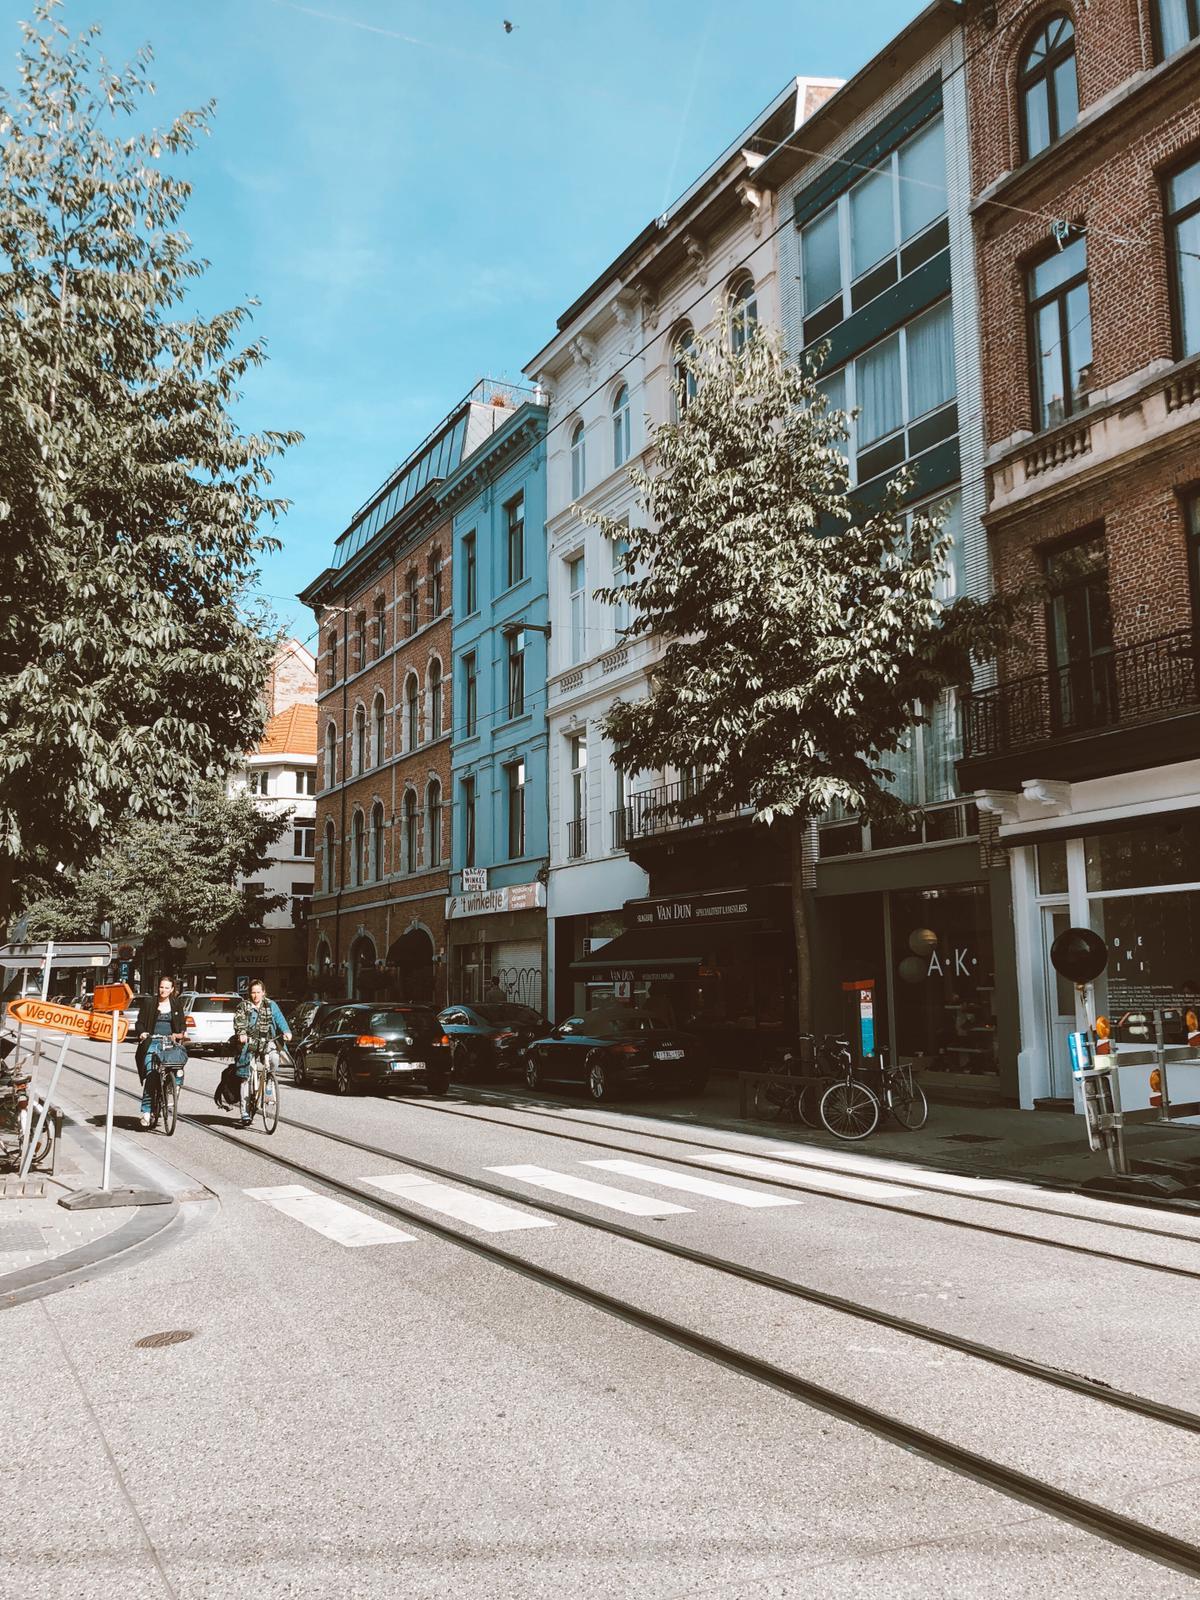 Hotspots in Antwerpen